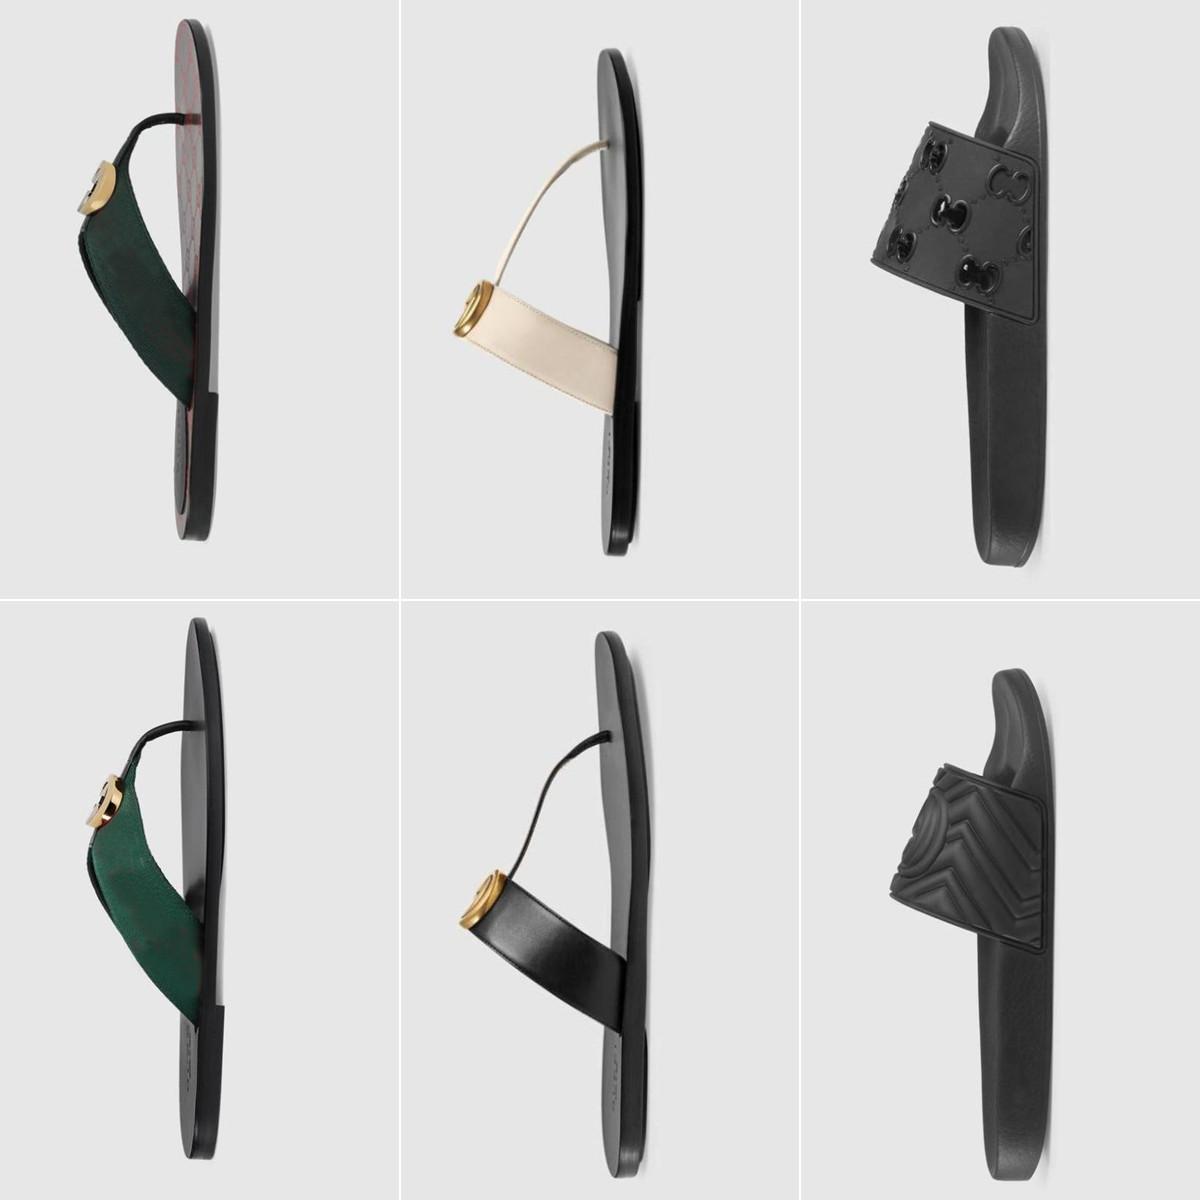 2019 Sandales Designer Sandales Hommes Pantoufles Engrenages Basculements Flip FLOPS Dames Mode Prestige Mode Casual Taille 35-45 avec boîte